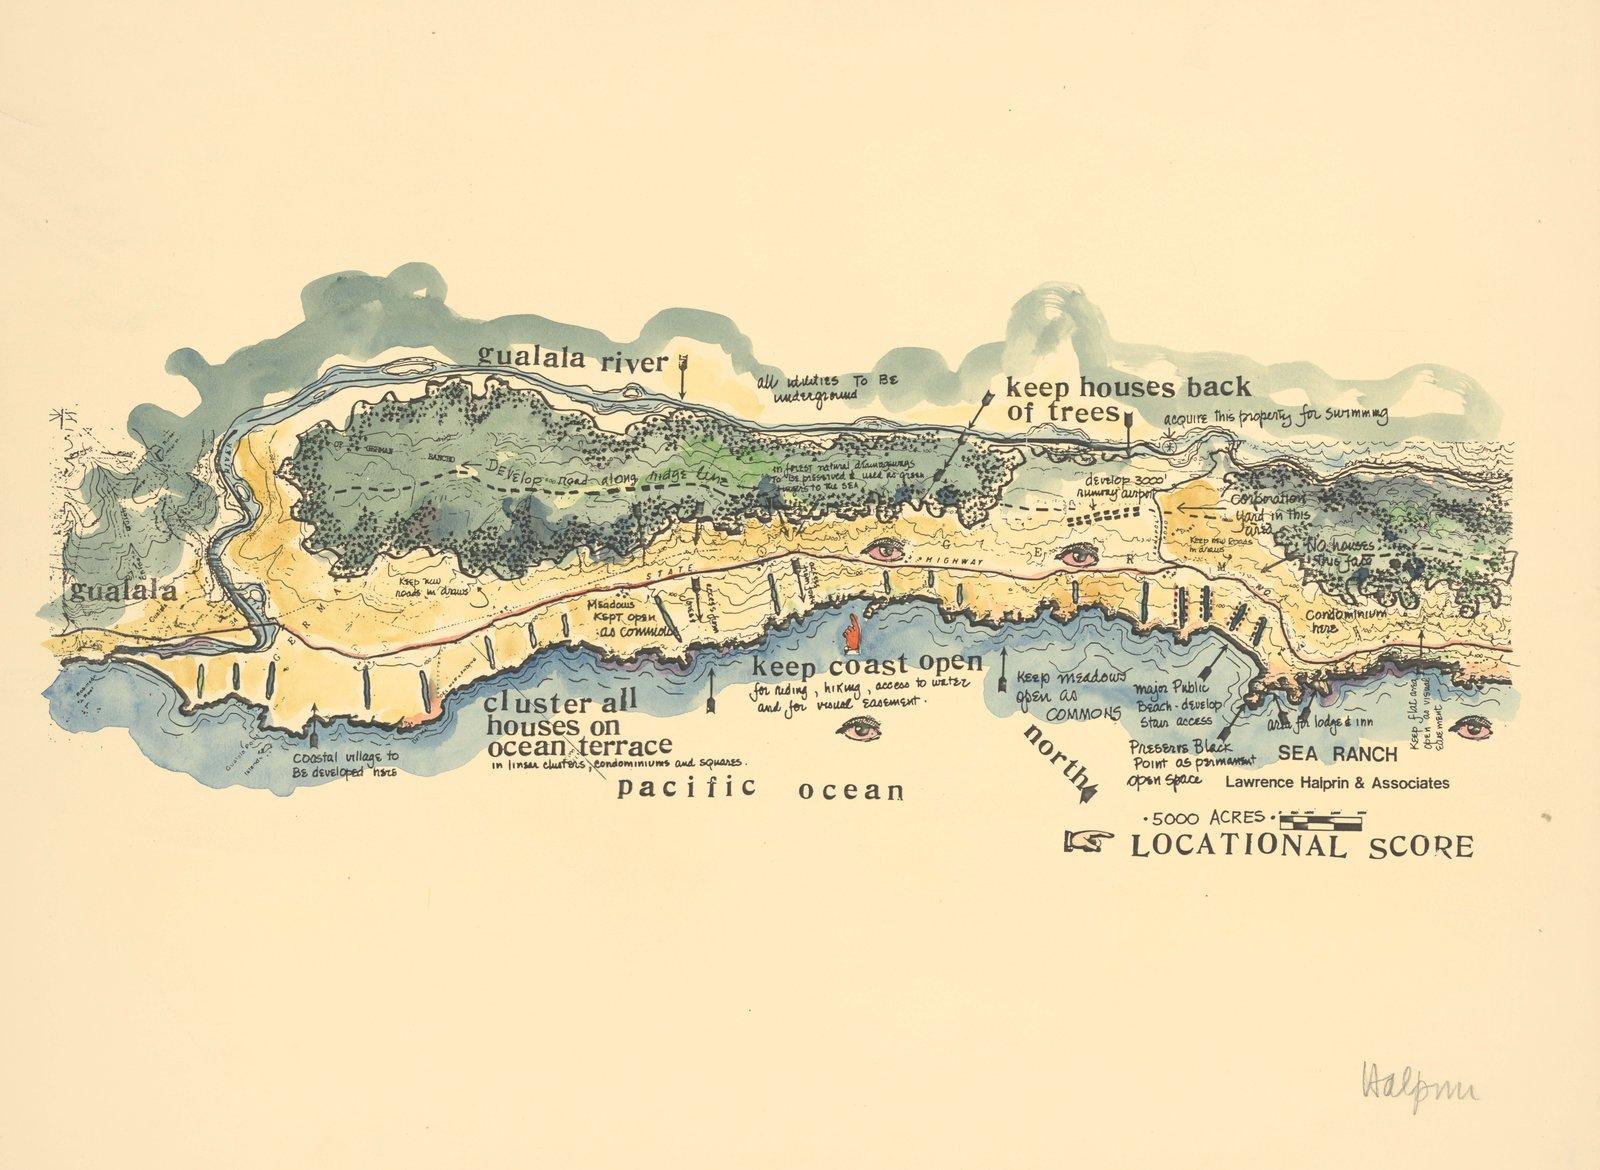 Sea Ranch Locational Score